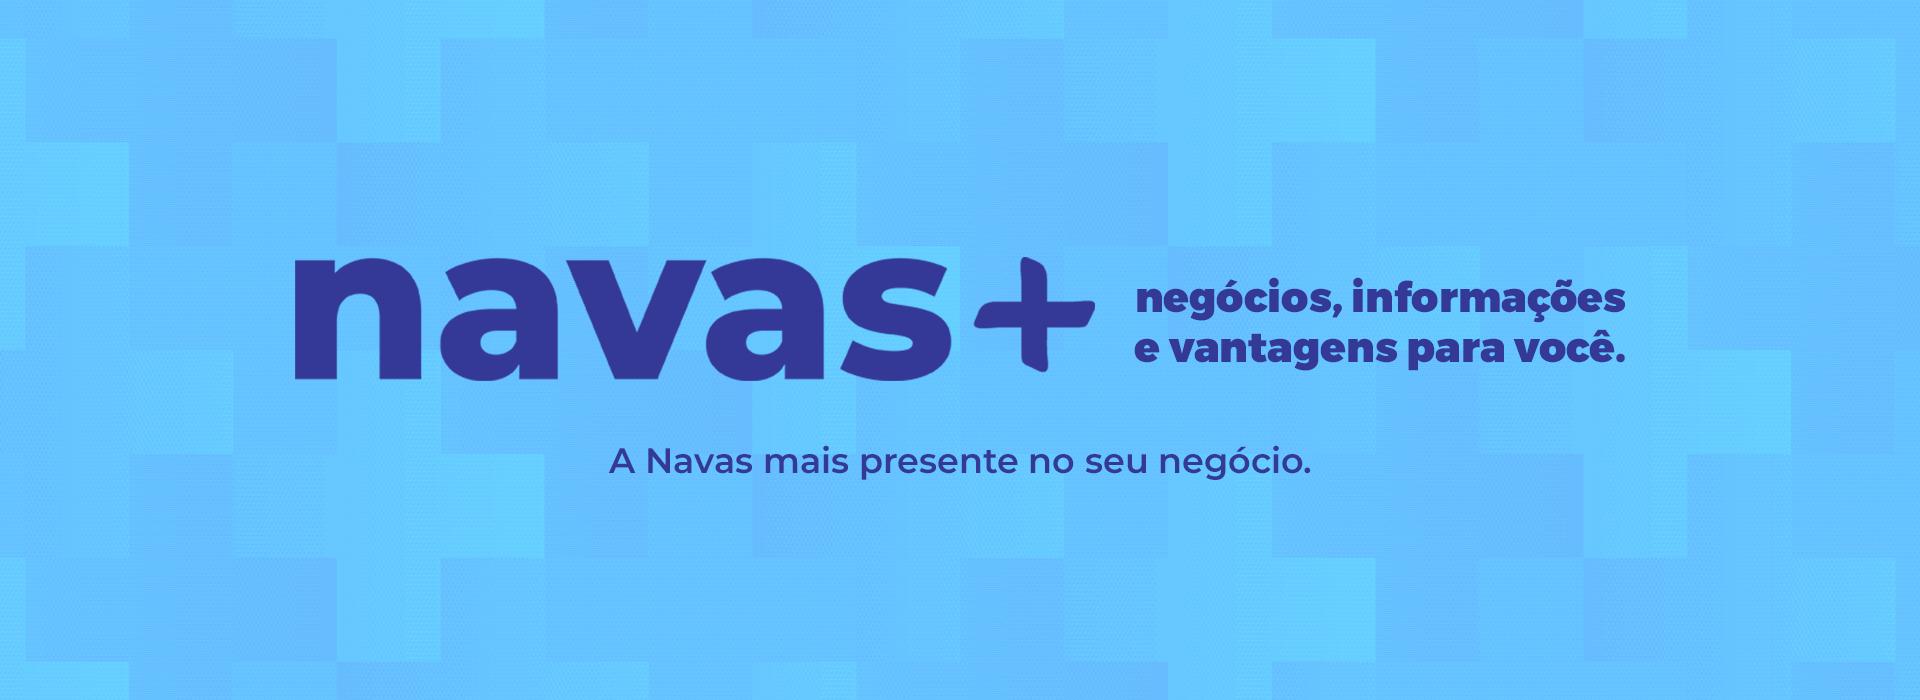 Navas +